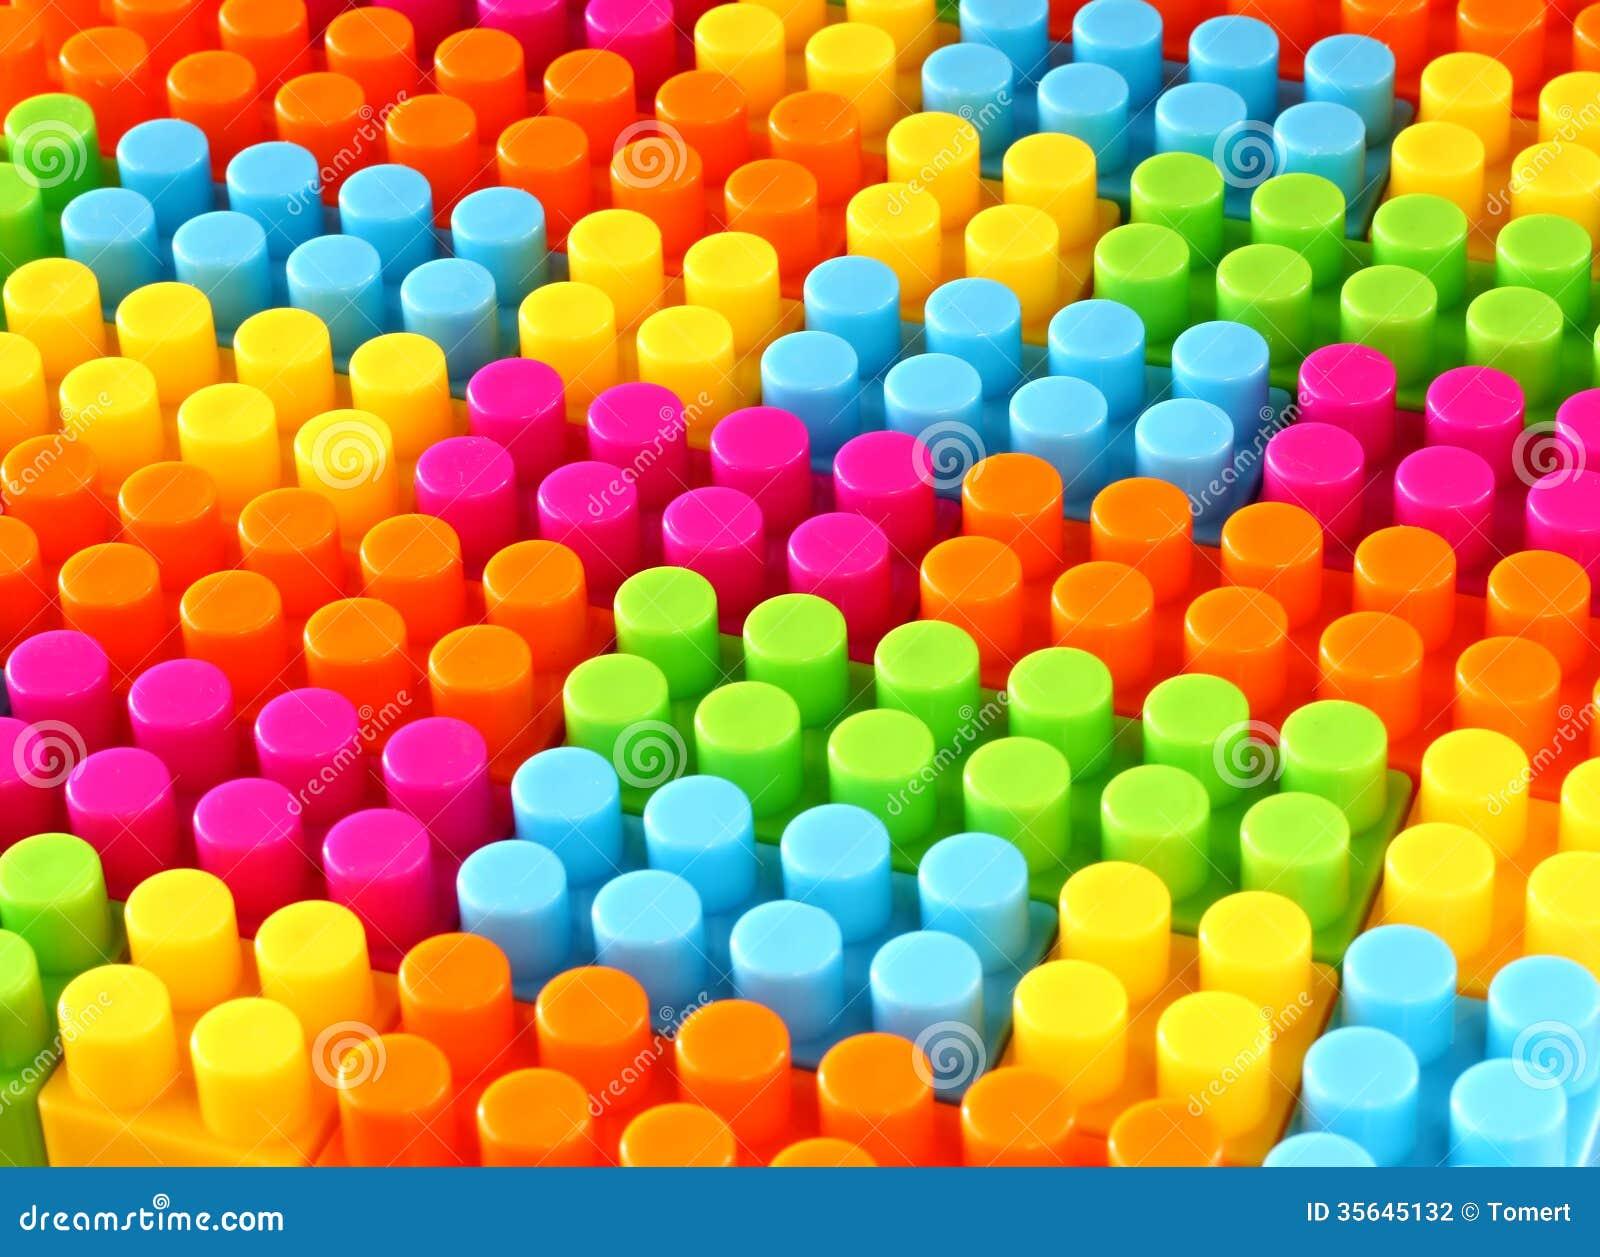 Fundo colorido do brinquedo do tijolo do lego das crianças